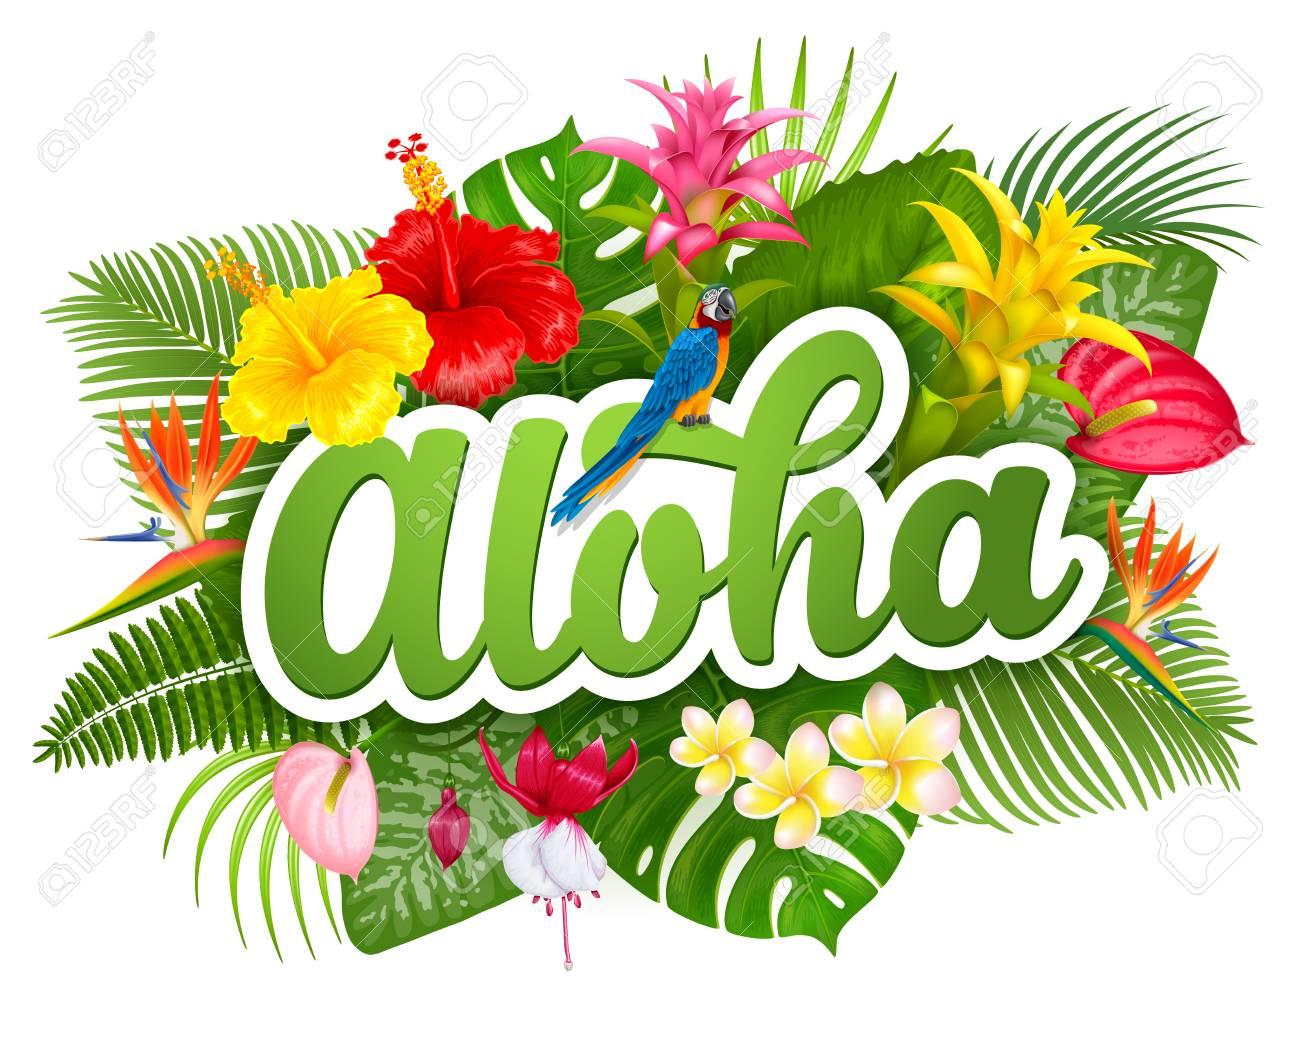 aloha hawaii hand drawn lettering and tropical plants leaves rh 123rf com aloha clip art free aloha clipart download